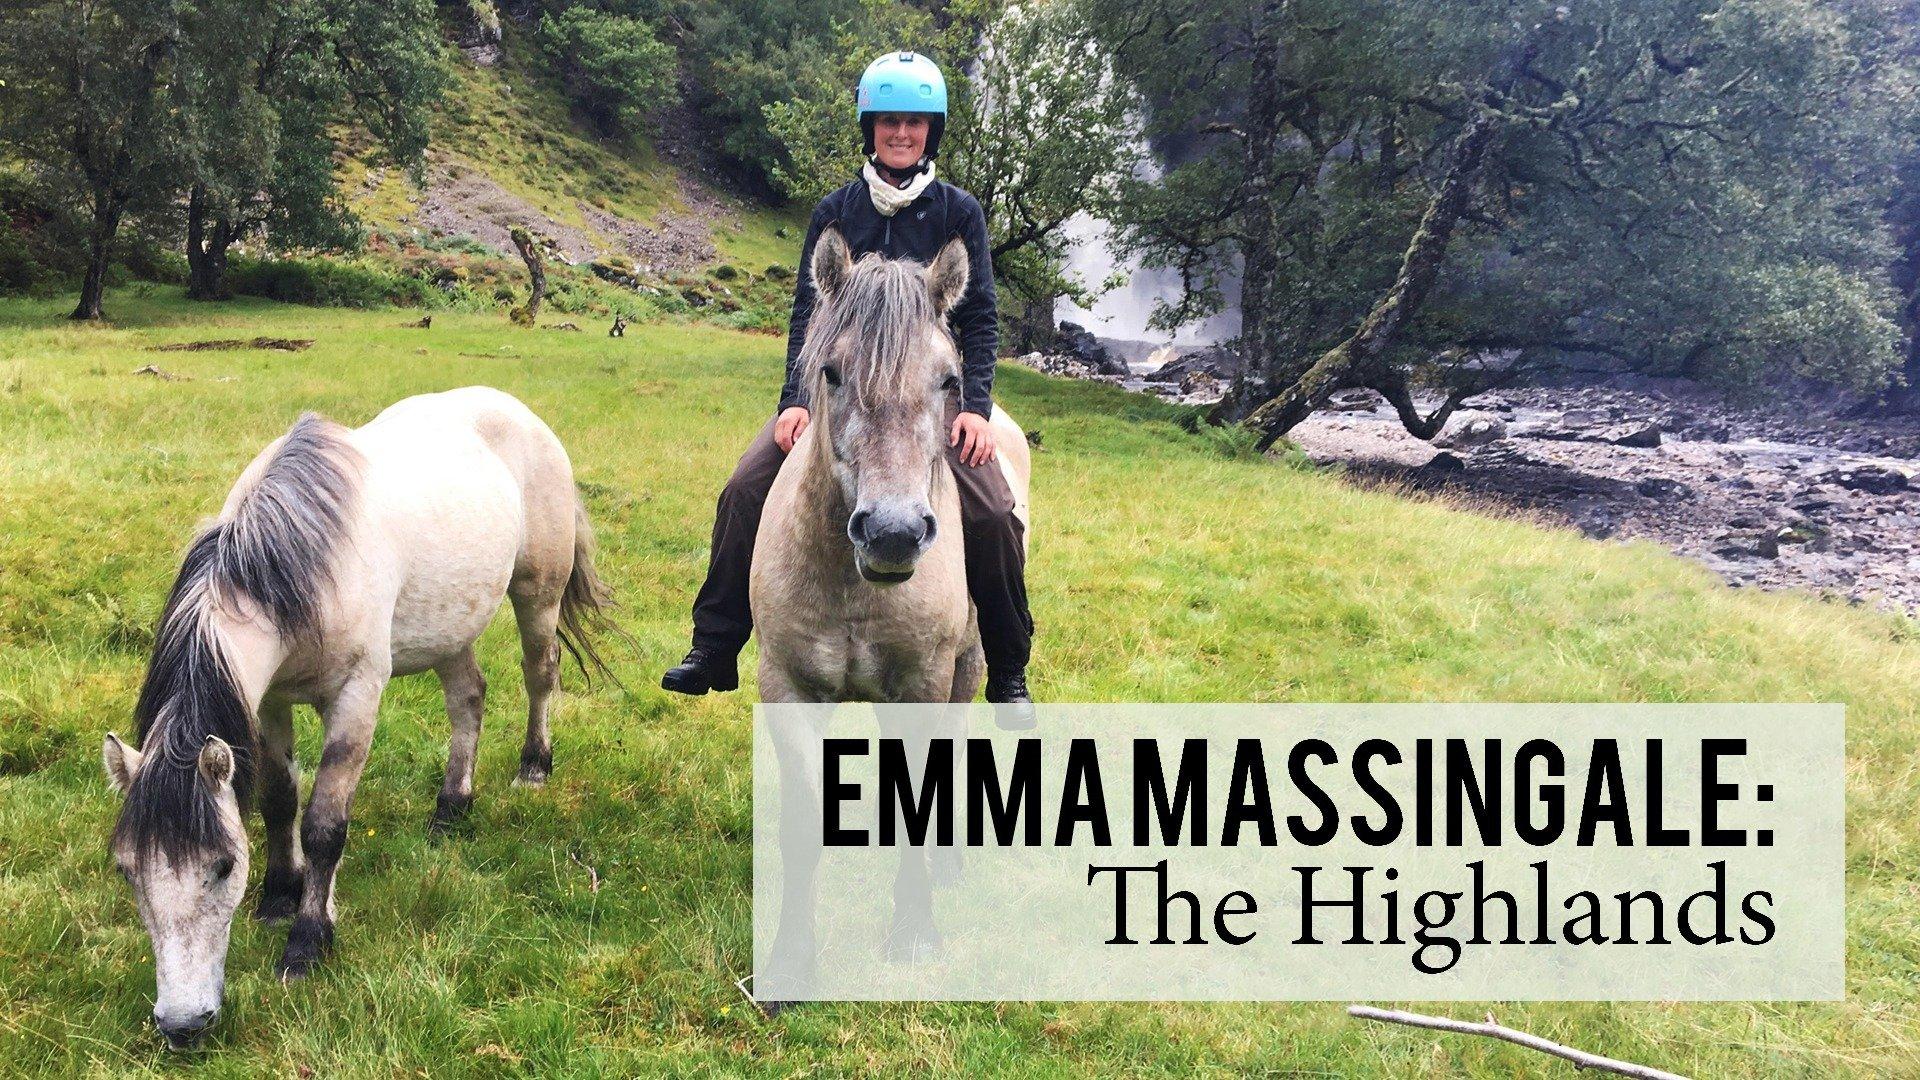 Emma Massingale: The Highlands